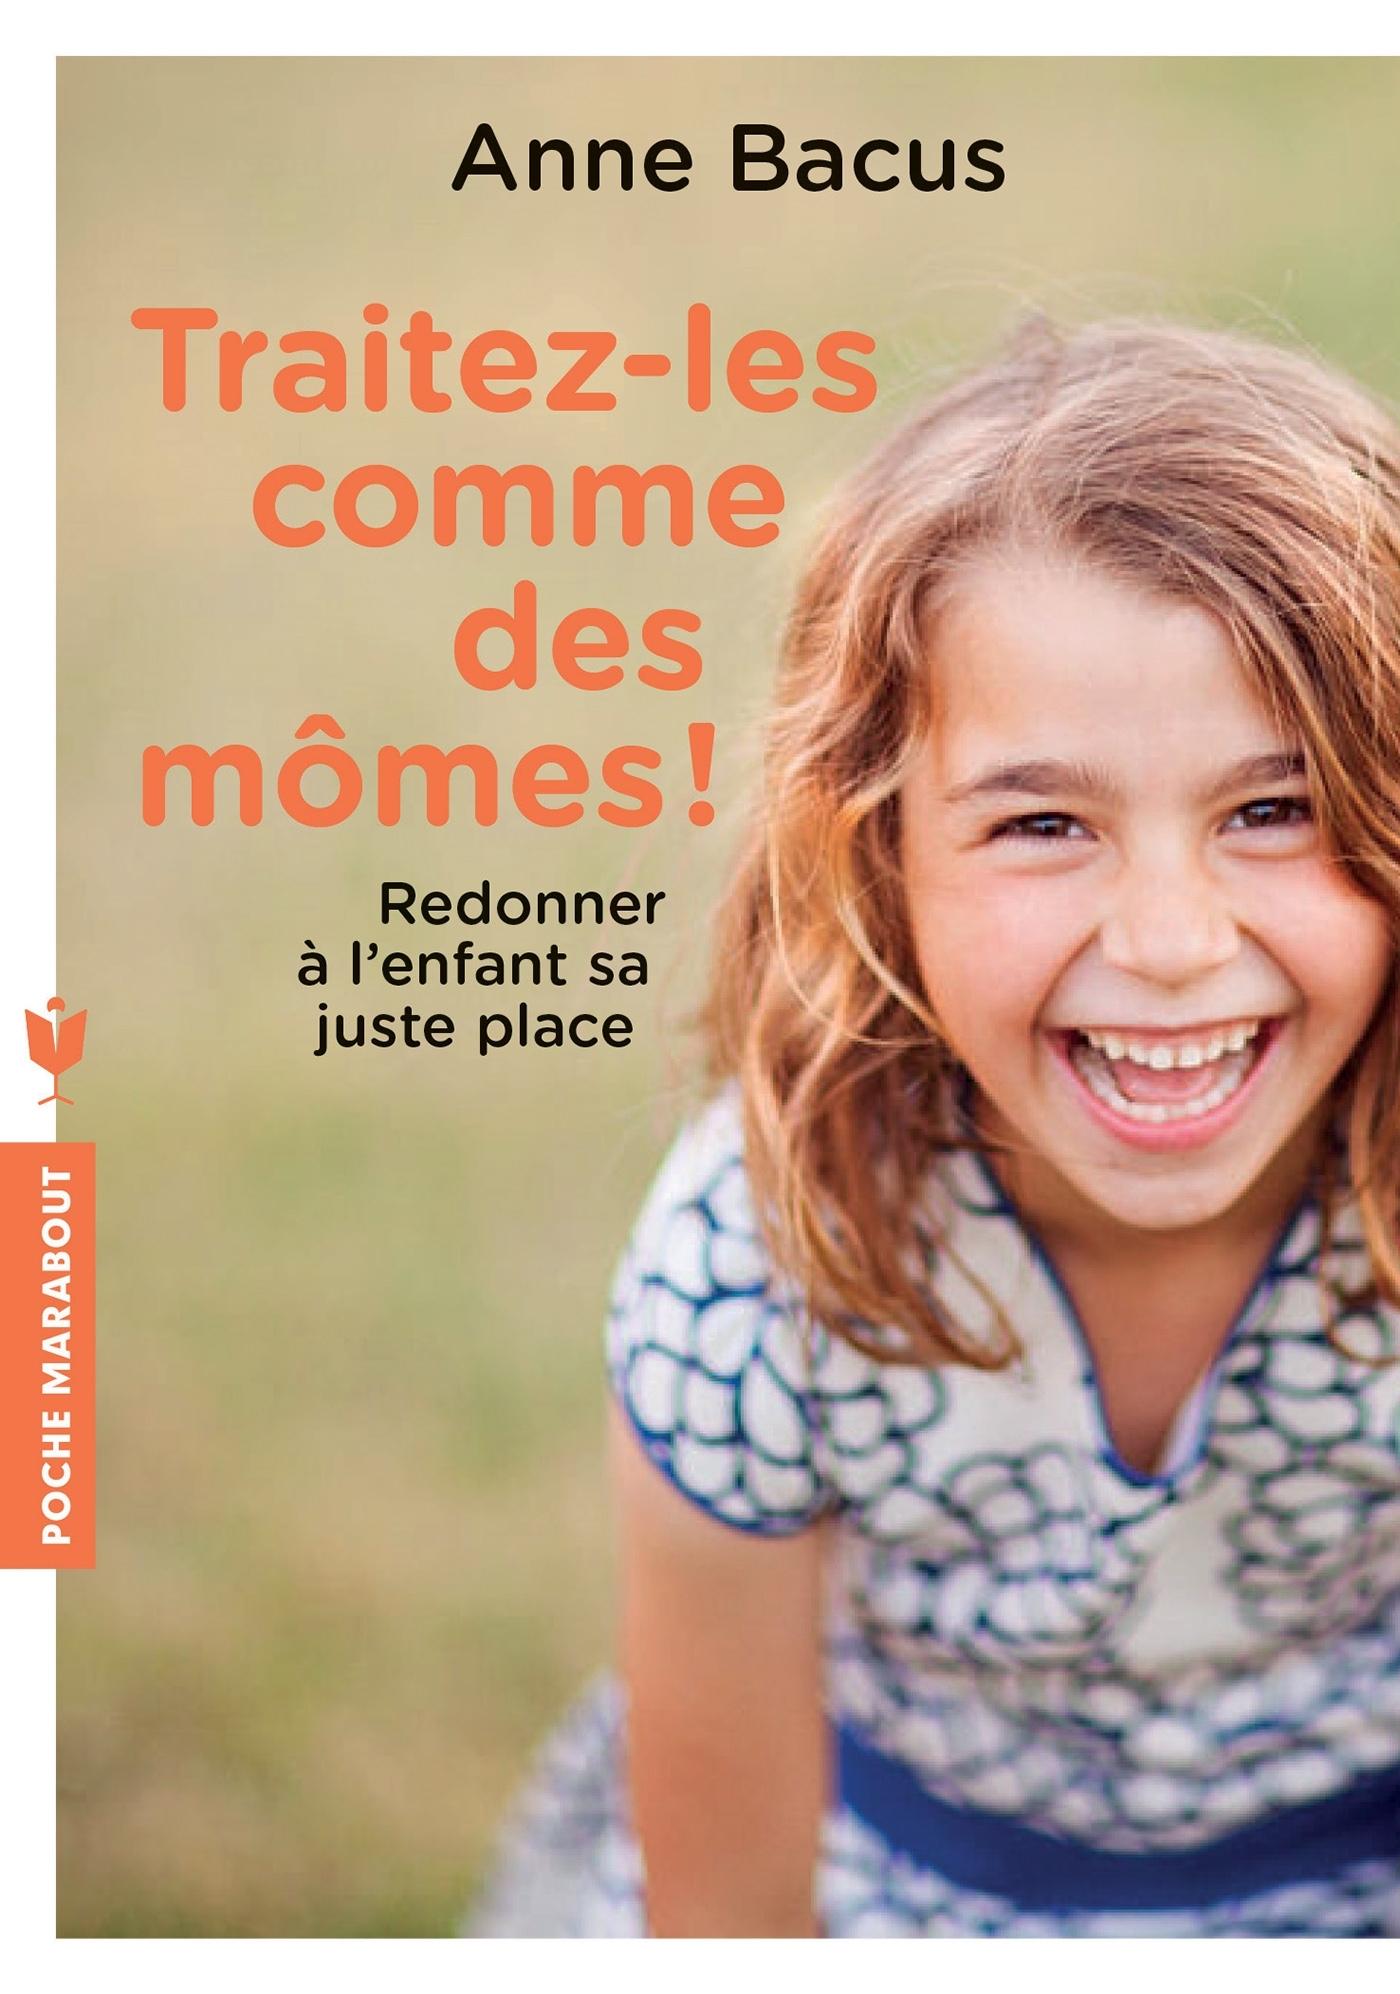 TRAITEZ-LES COMME DES MOMES !